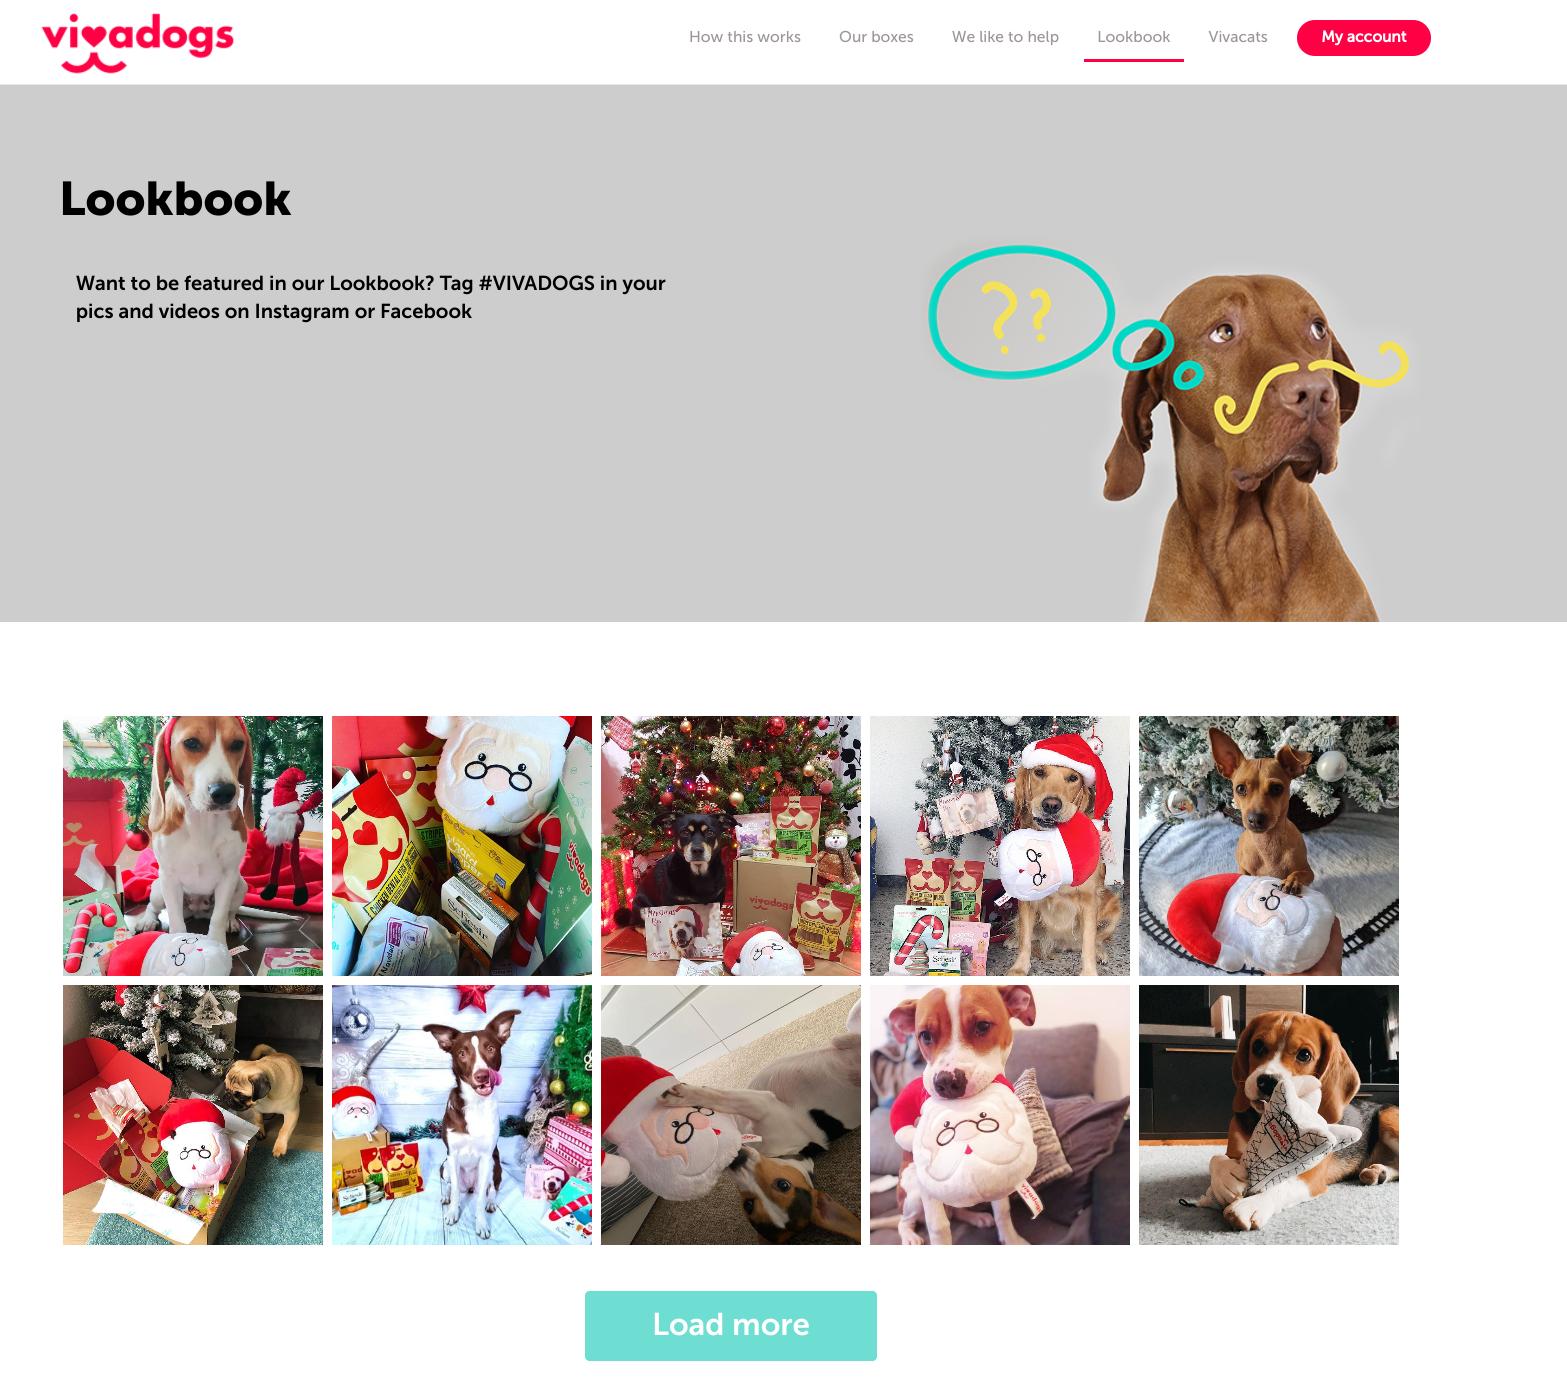 Vivadogs Lookbook Instagram feed directly to website